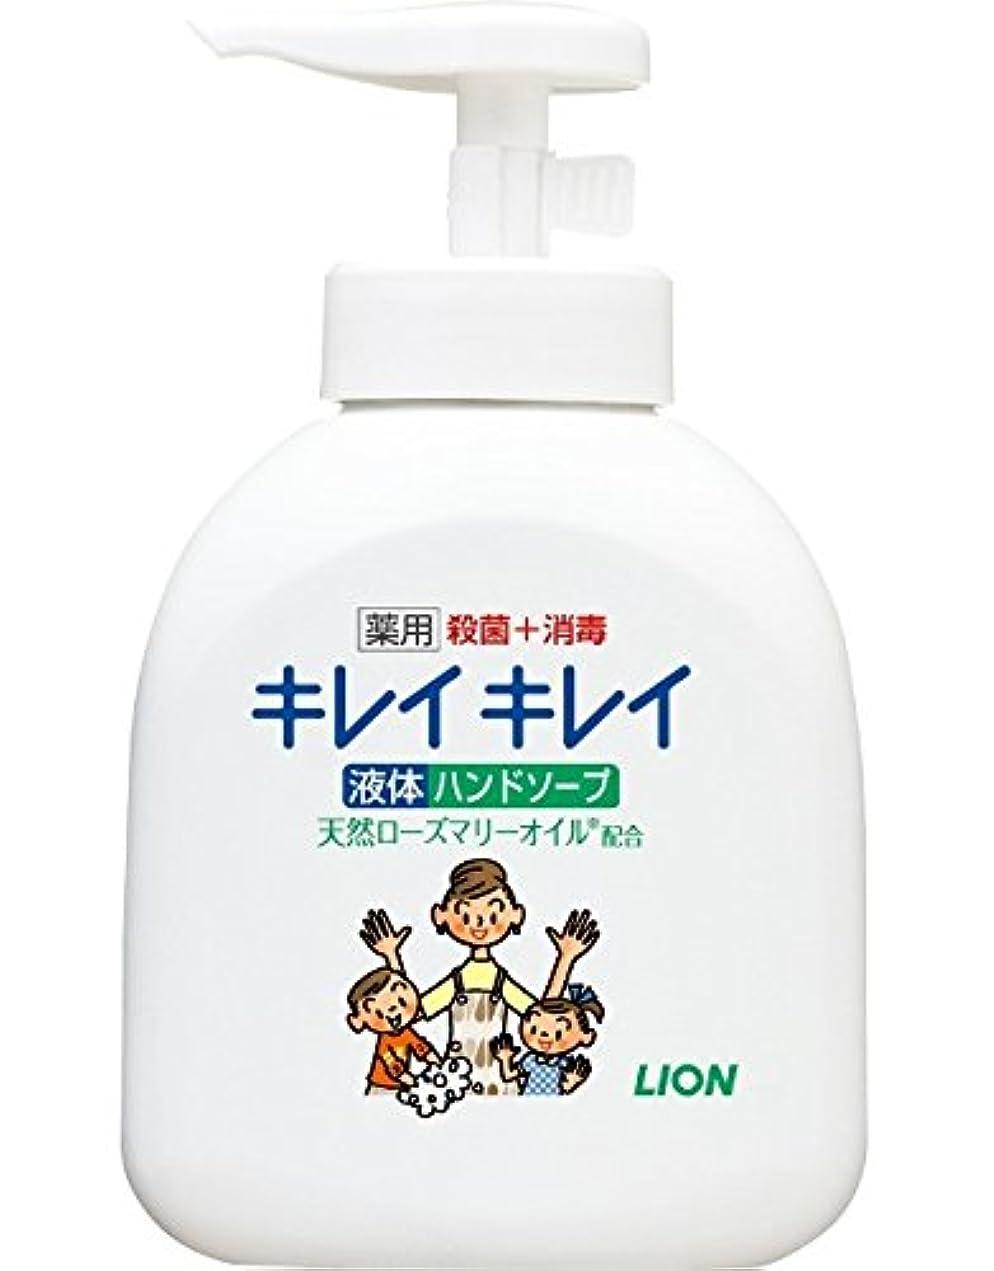 離すパキスタン肉キレイキレイ 薬用 液体ハンドソープ 本体ポンプ 250ml(医薬部外品)